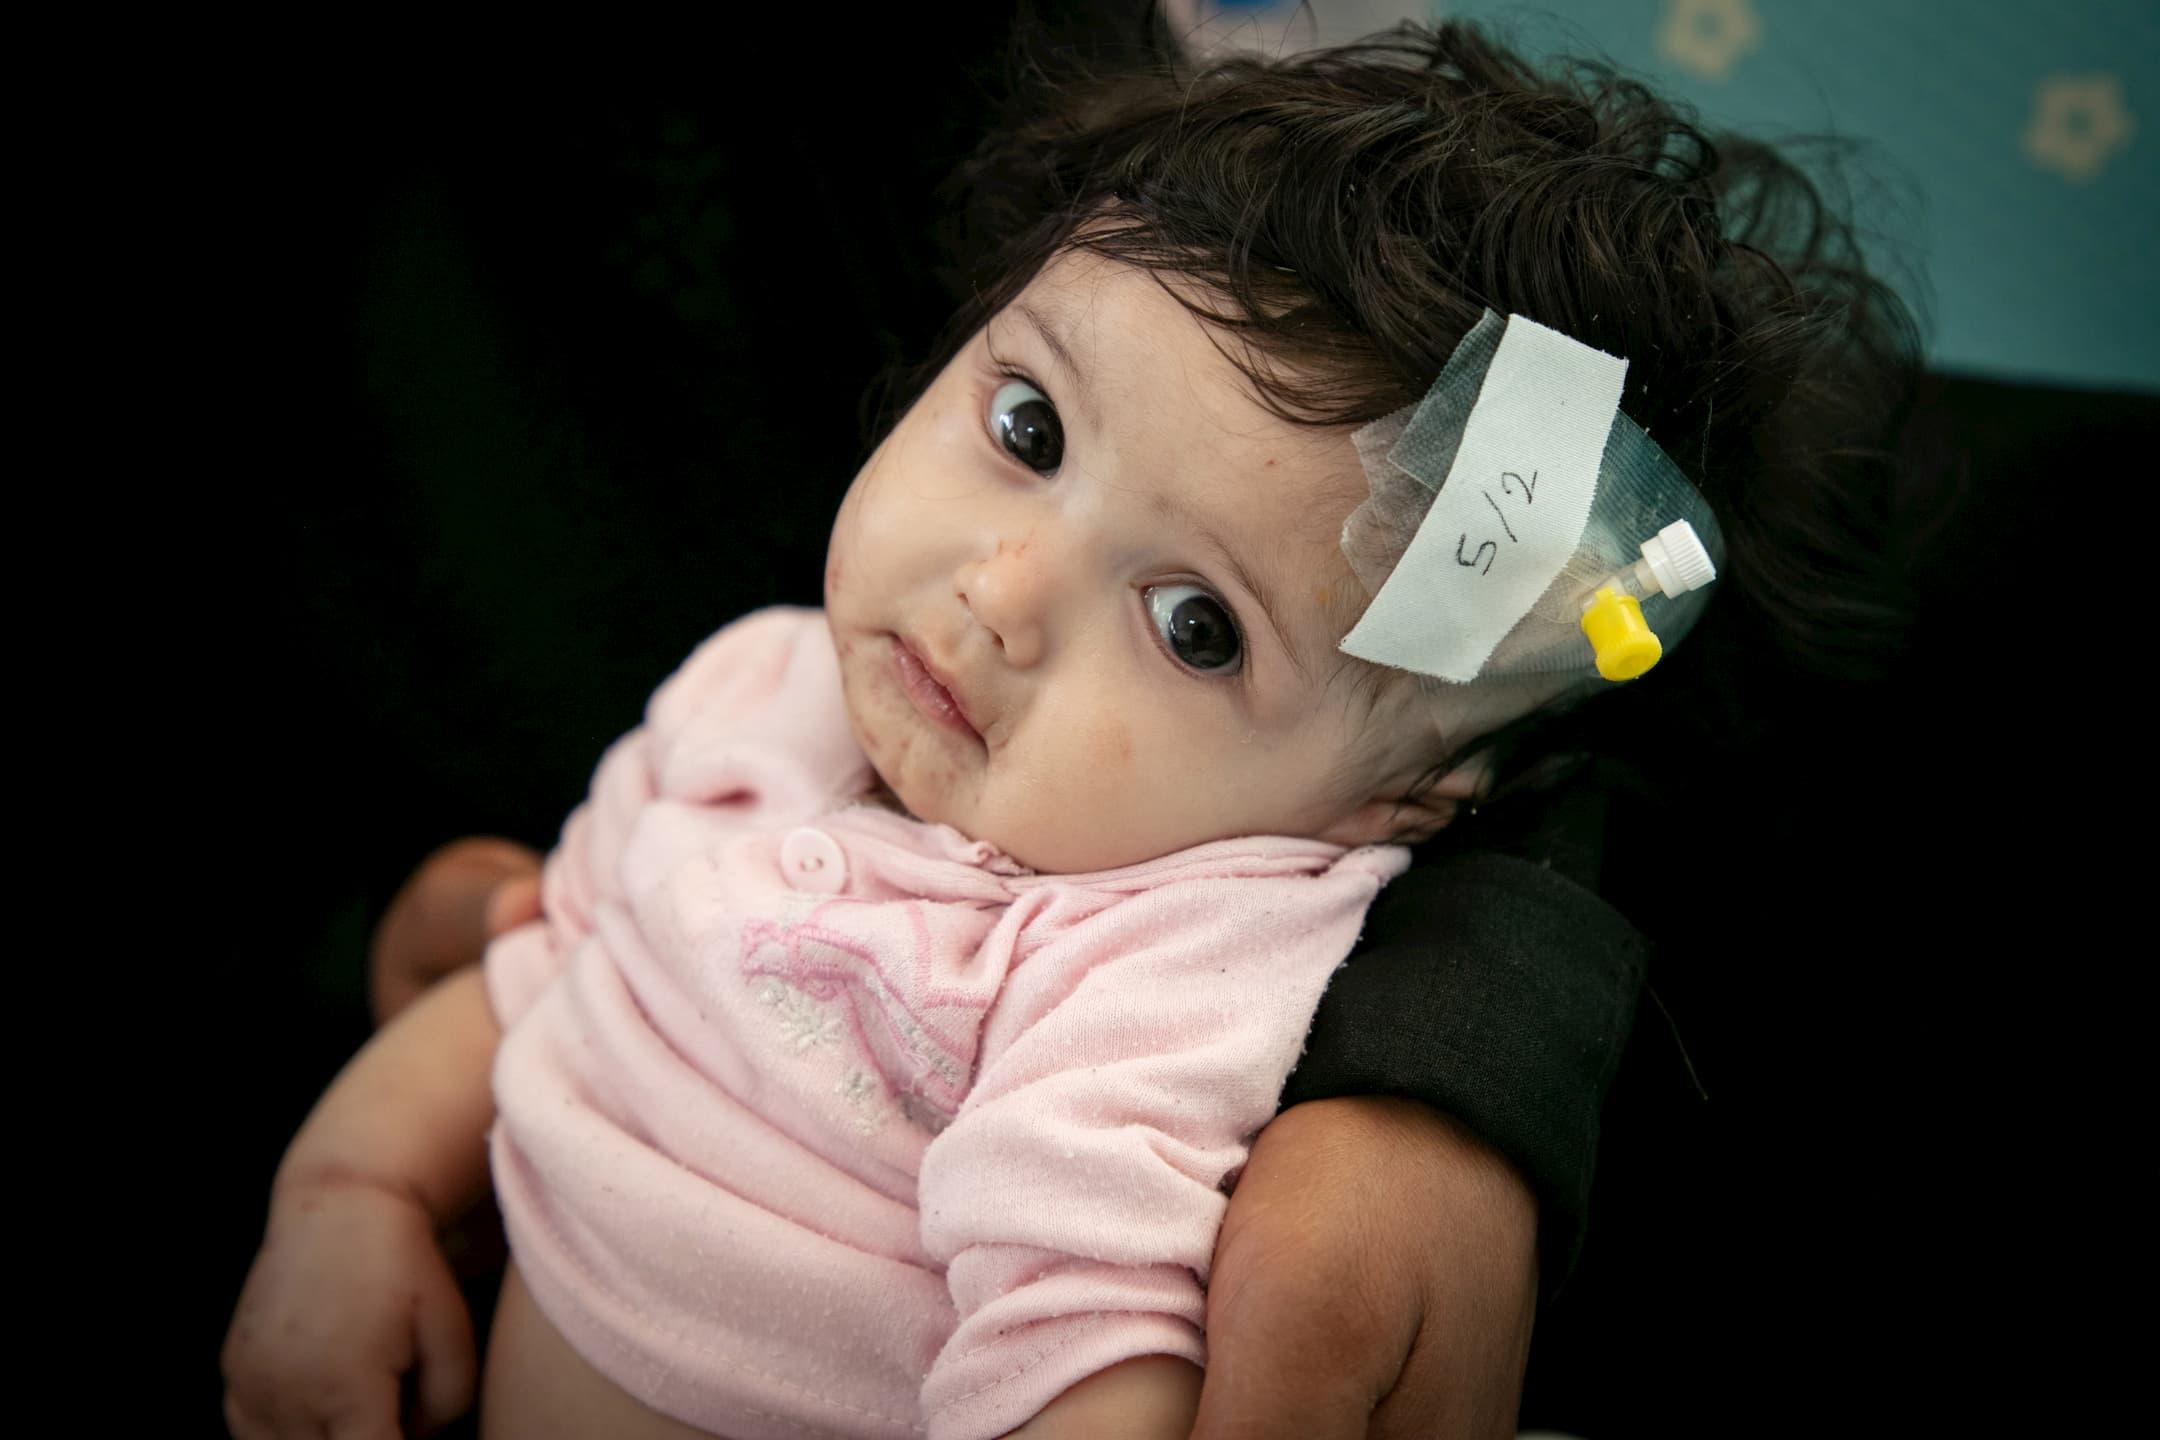 Yemen © UNICEF/UNI312506/Alghabri